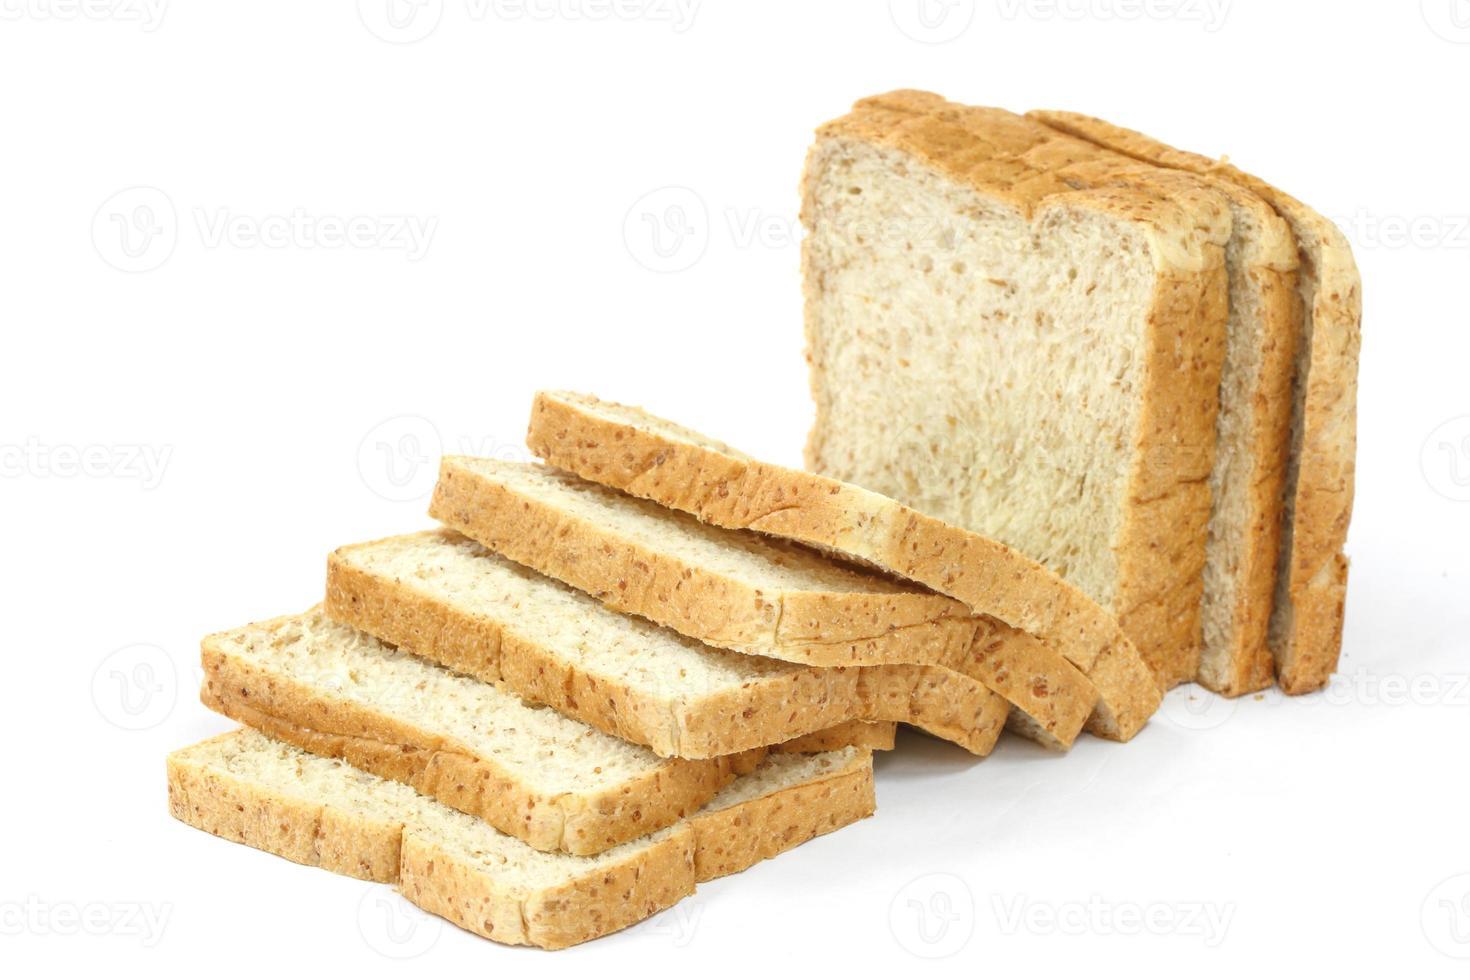 volkoren brood foto